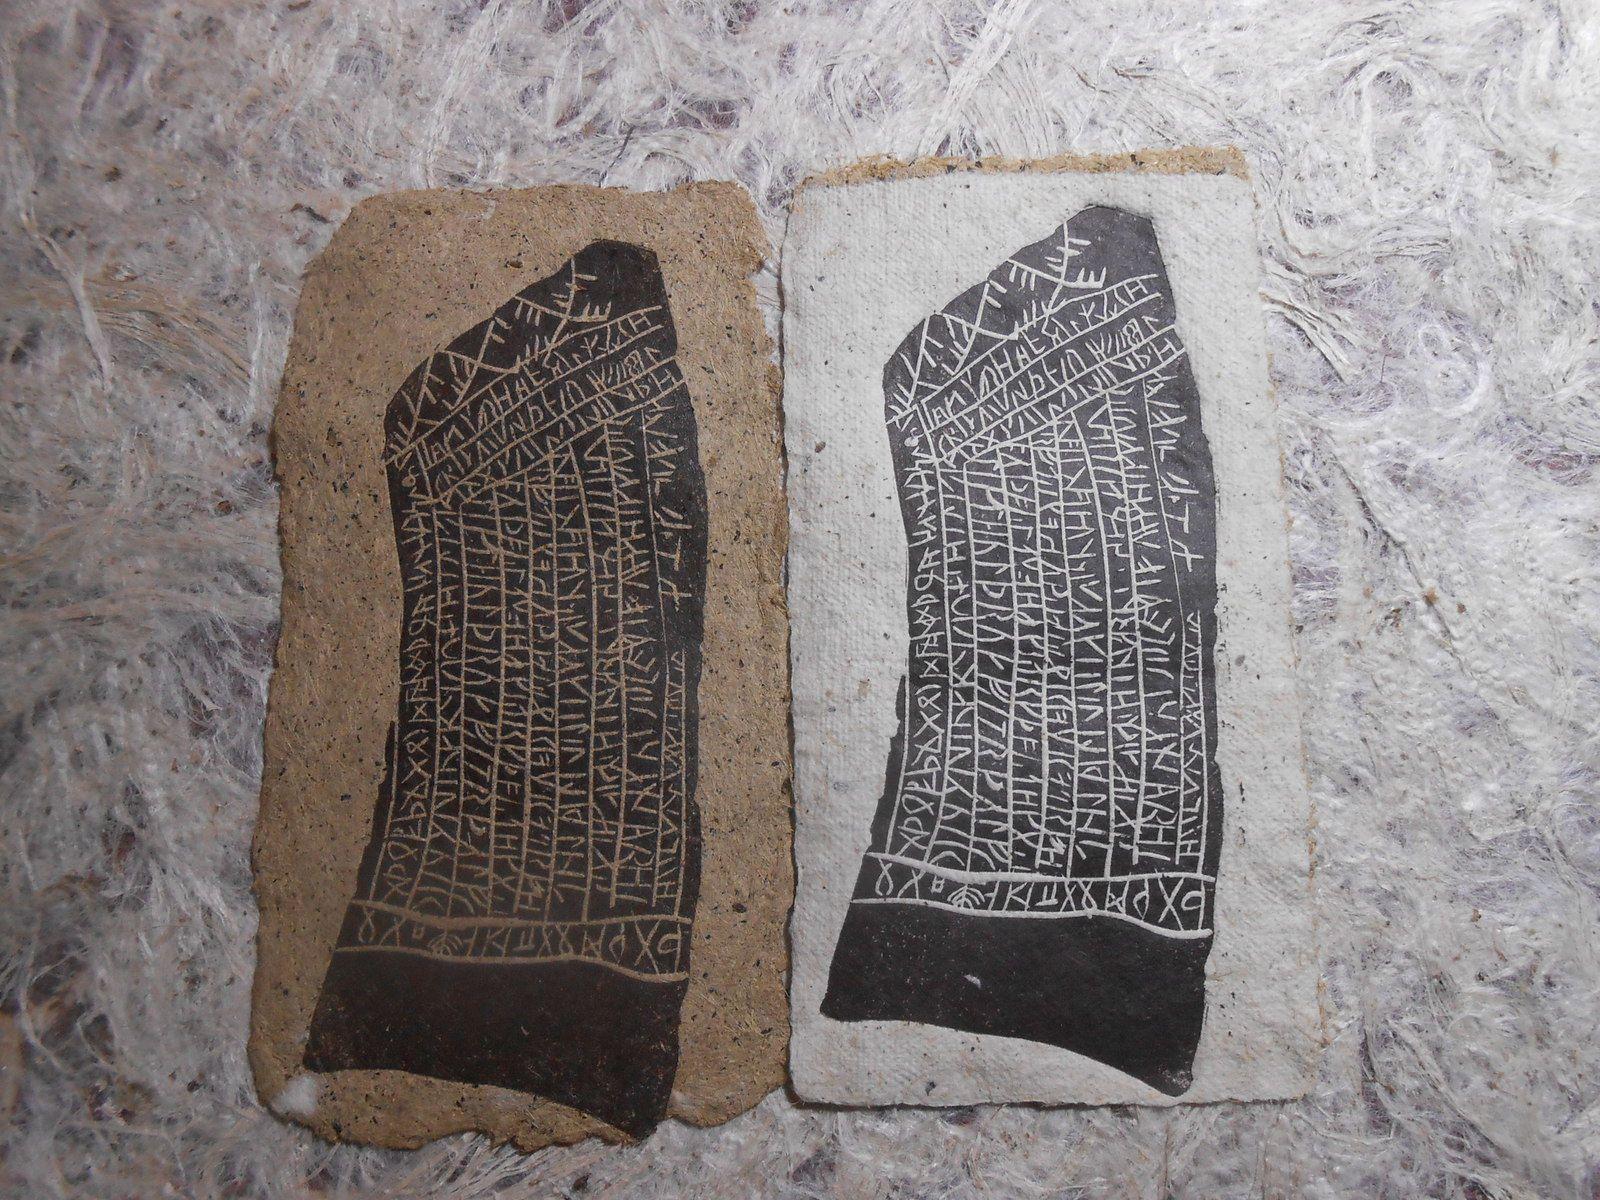 Les ronds sont fait avec du champignon , les pages intérieures sont en chanvre teint au jus de champignon , les runes sont sur des papiers divers !!!!